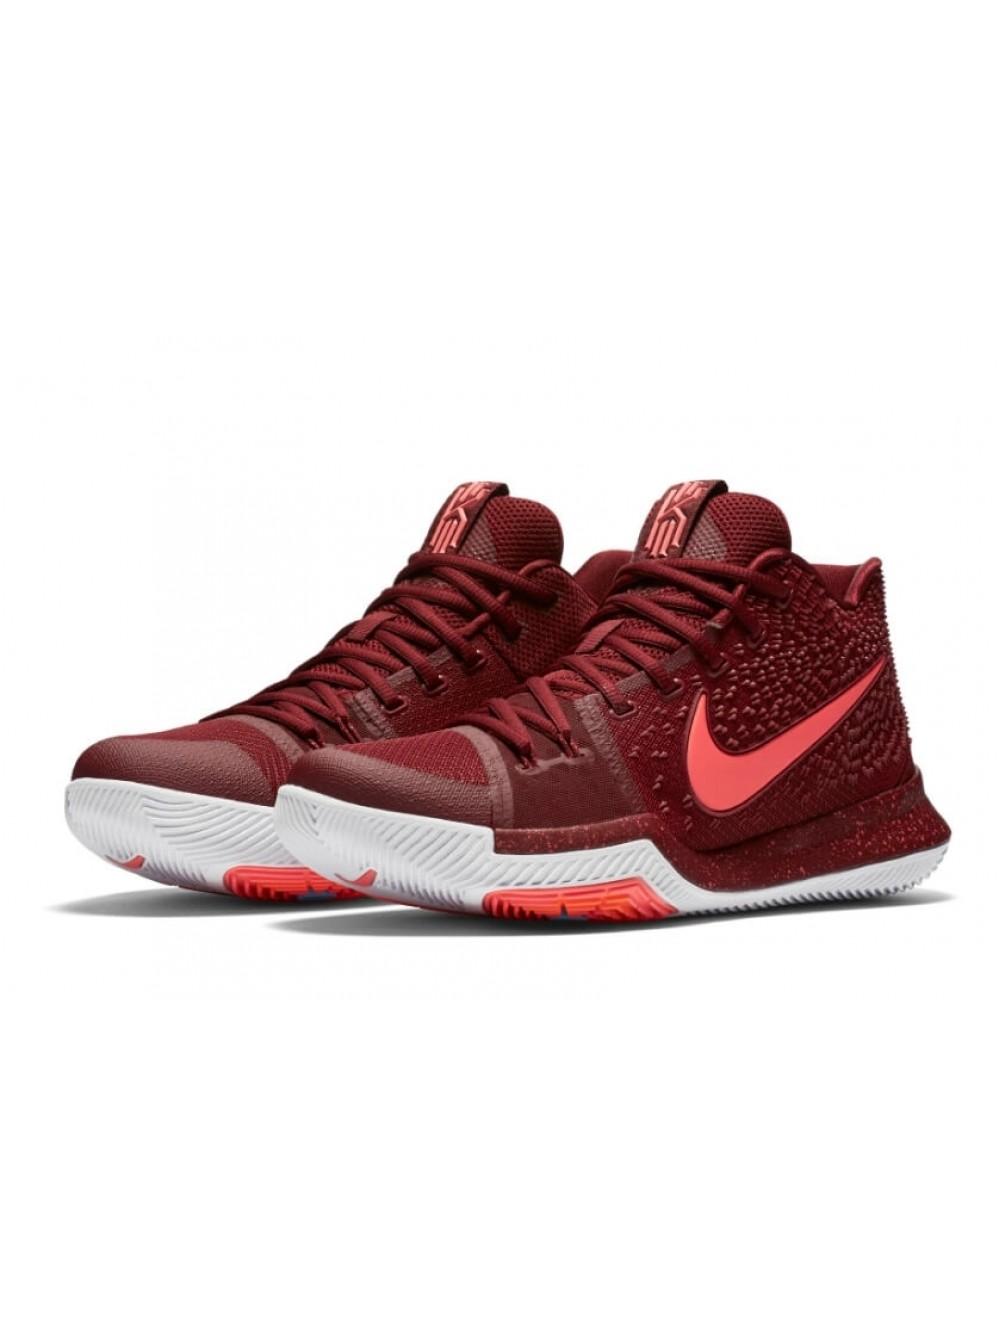 d6b67628 Баскетбольные кроссовки Nike Kyrie 3 Hot Punch 41-45р. заказать в интернет- магазине с доставкой